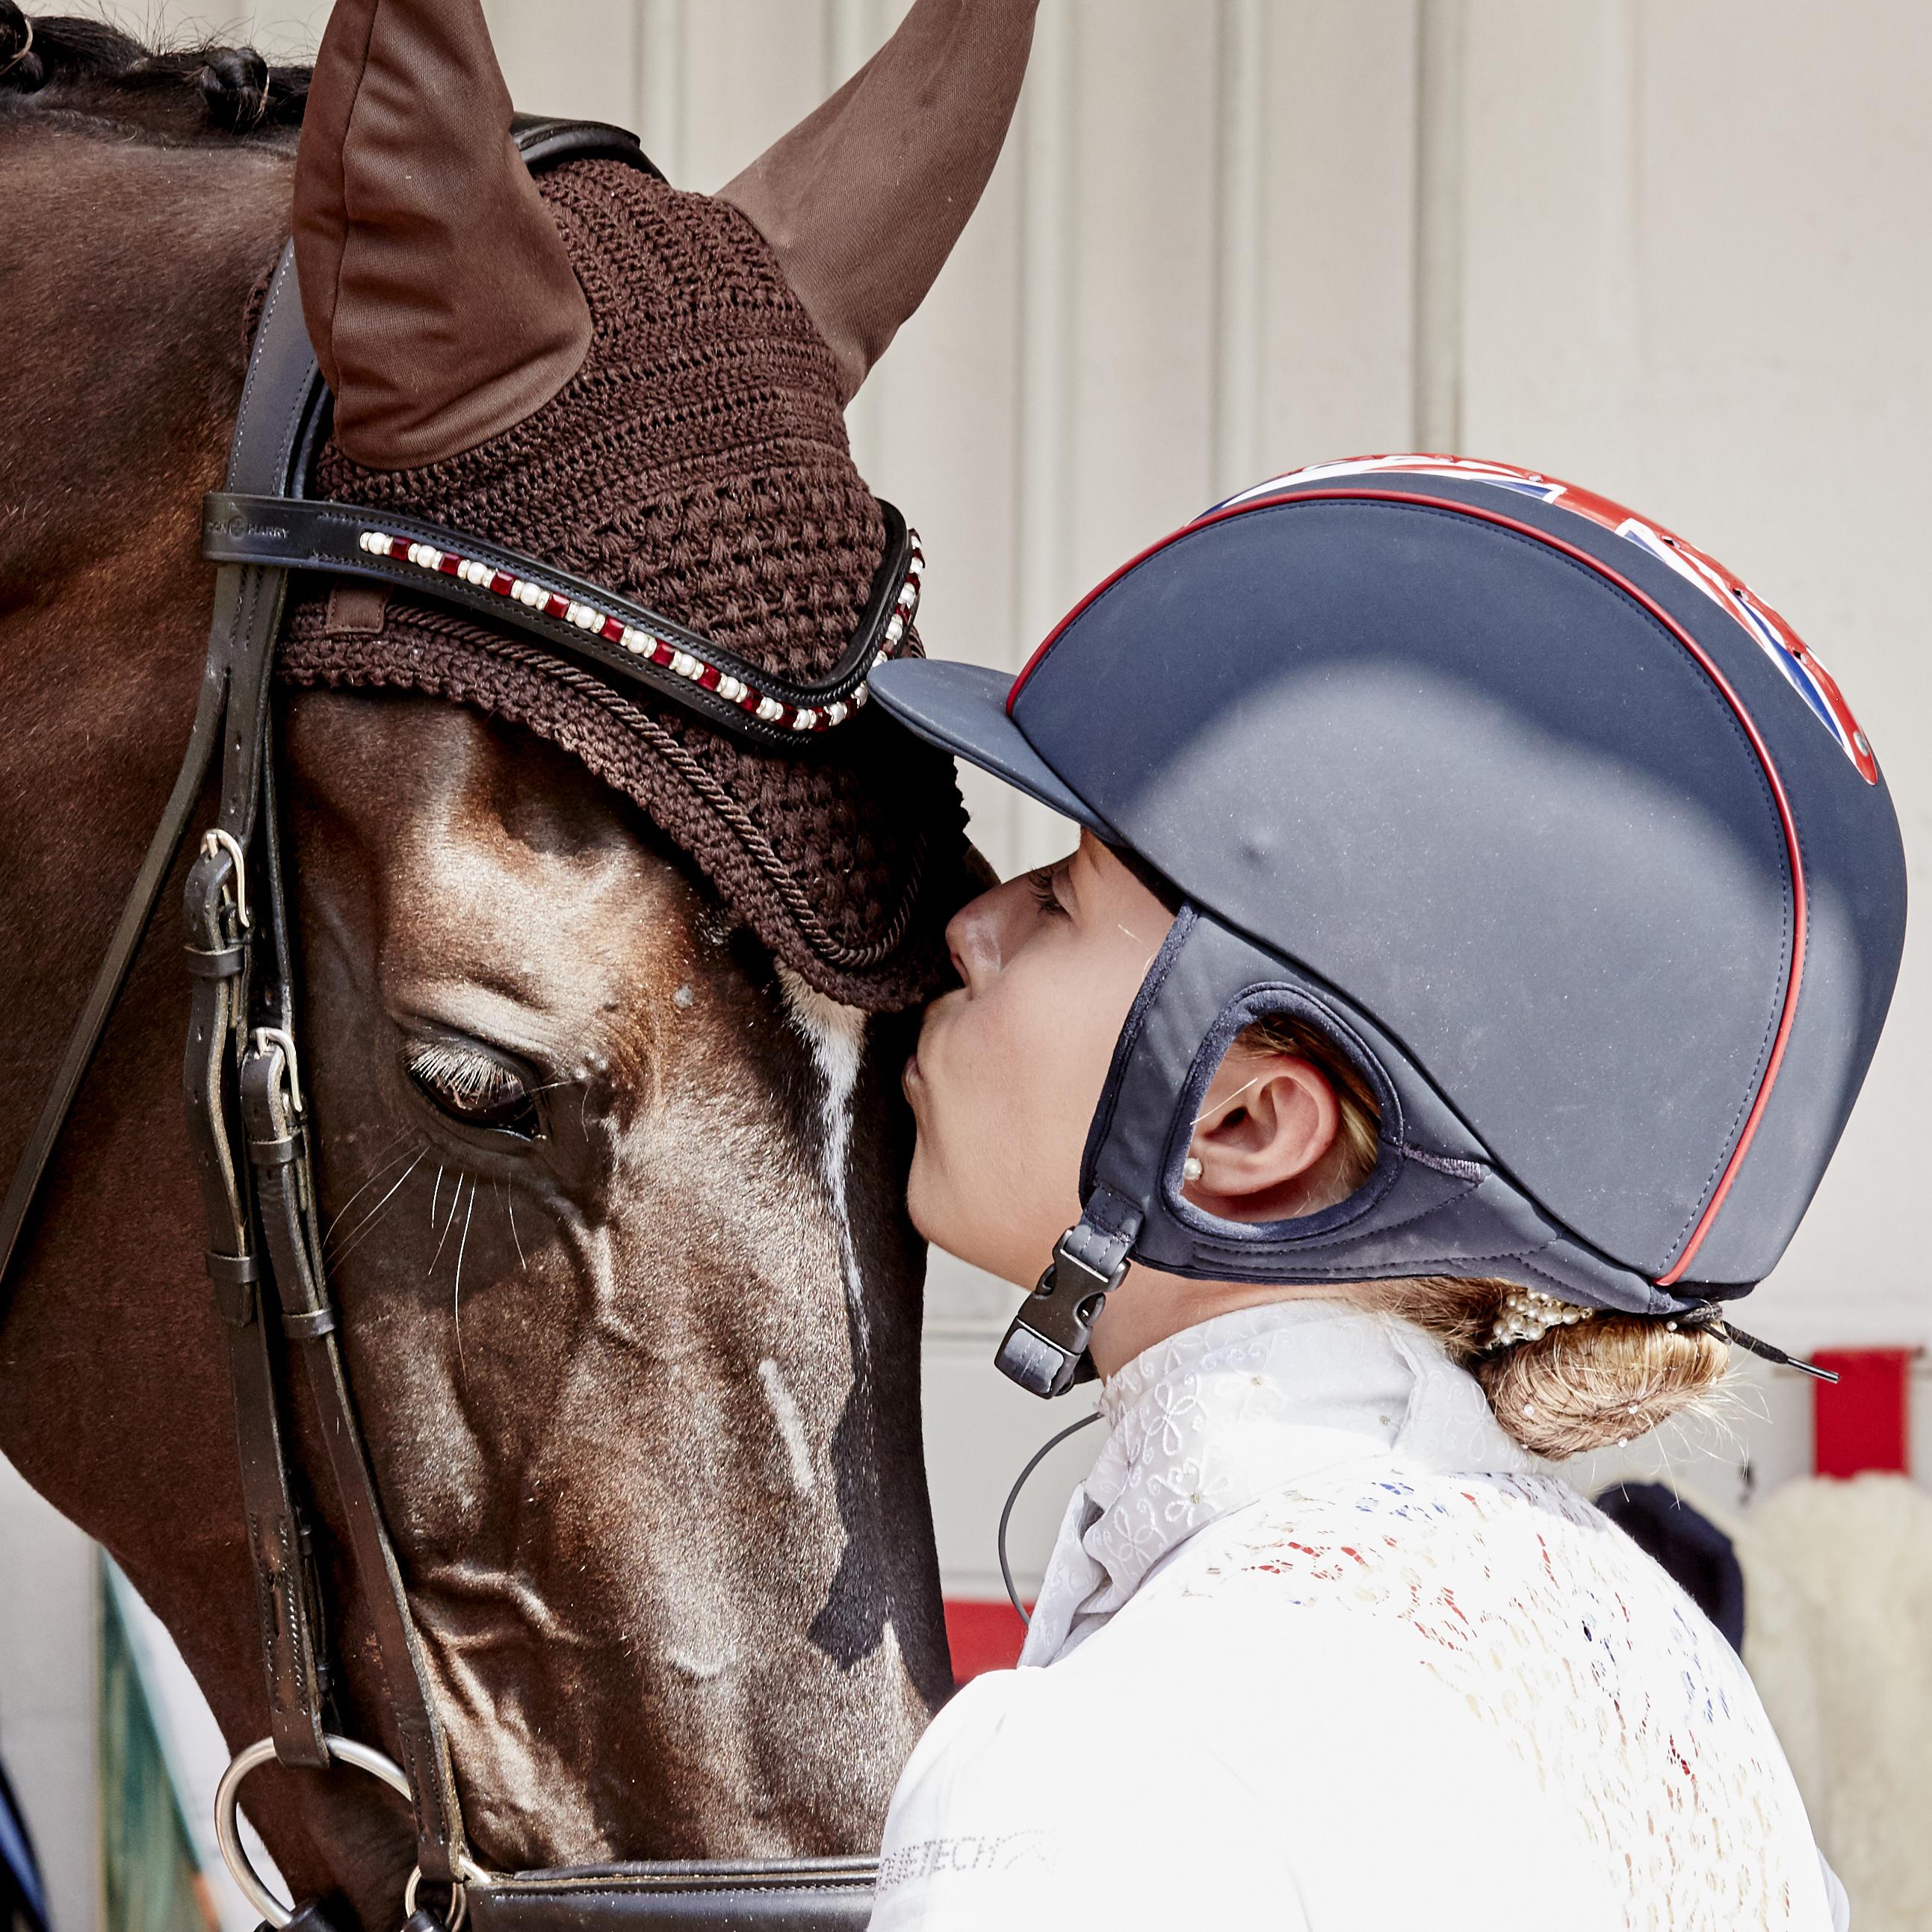 Sophie Wells (GBR) i koń Valerius. Fot. Liz Gregg/FEI.